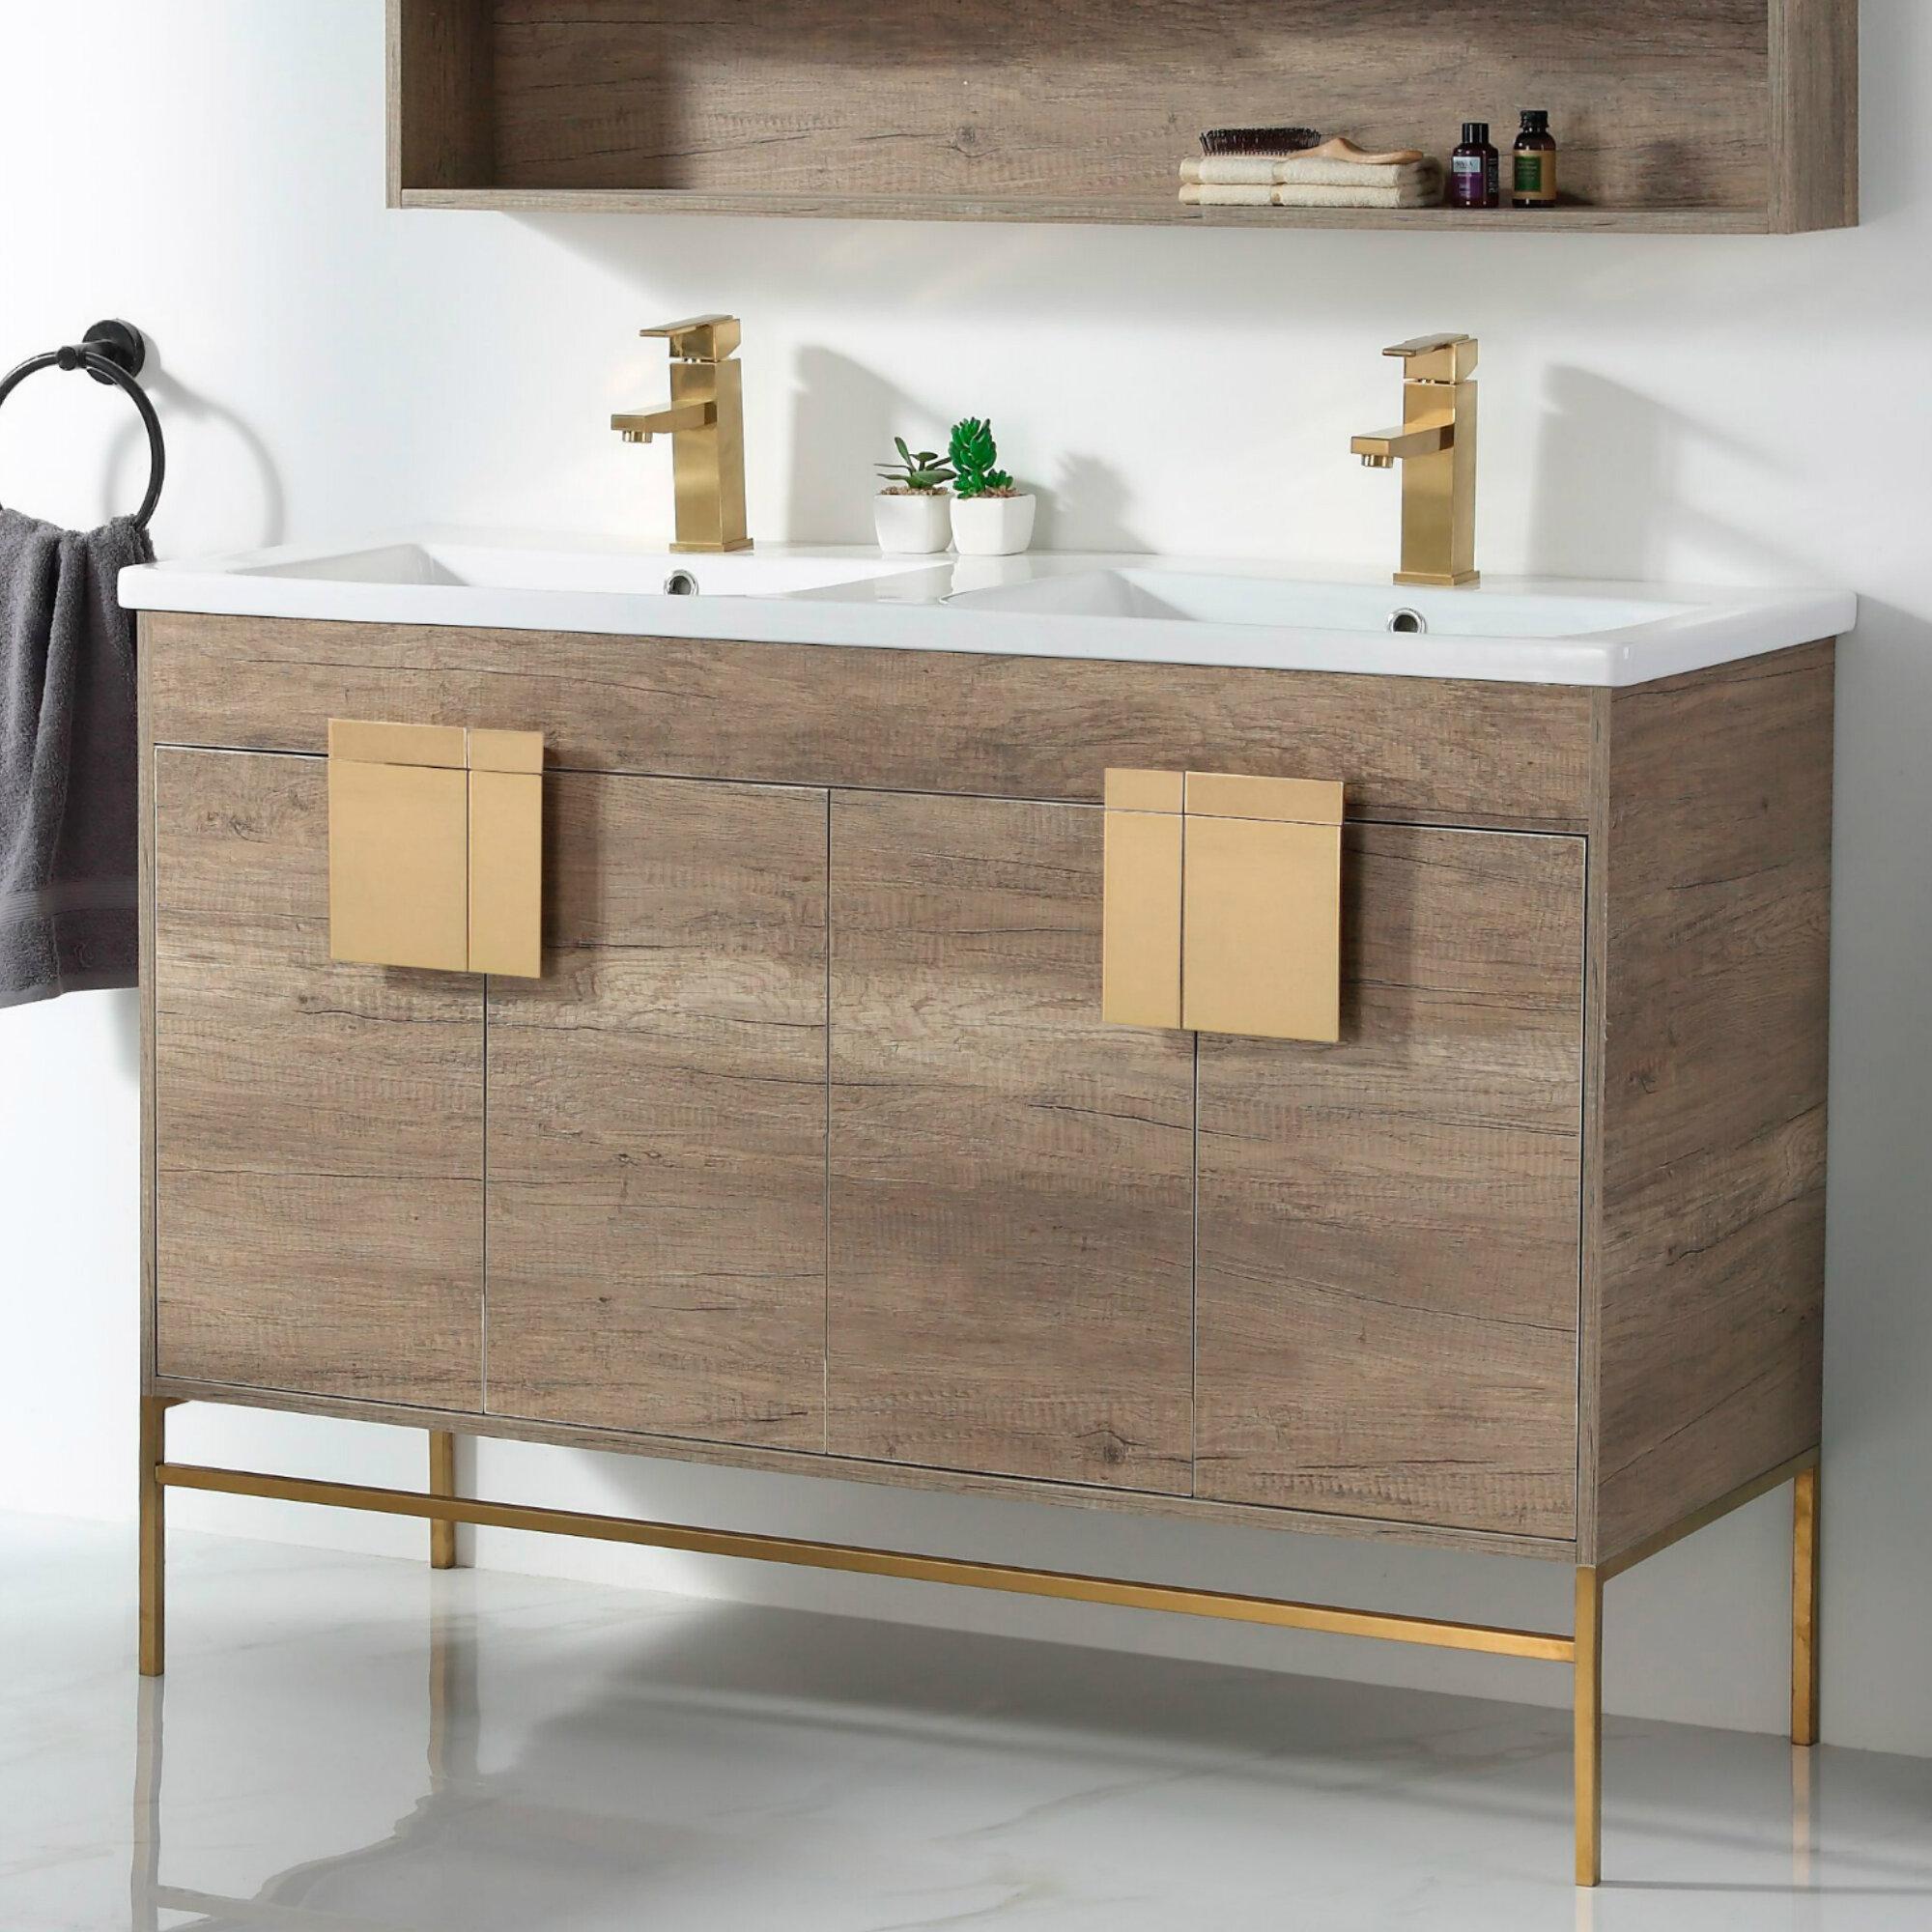 Lee 48 Double Bathroom Vanity Set Reviews Allmodern